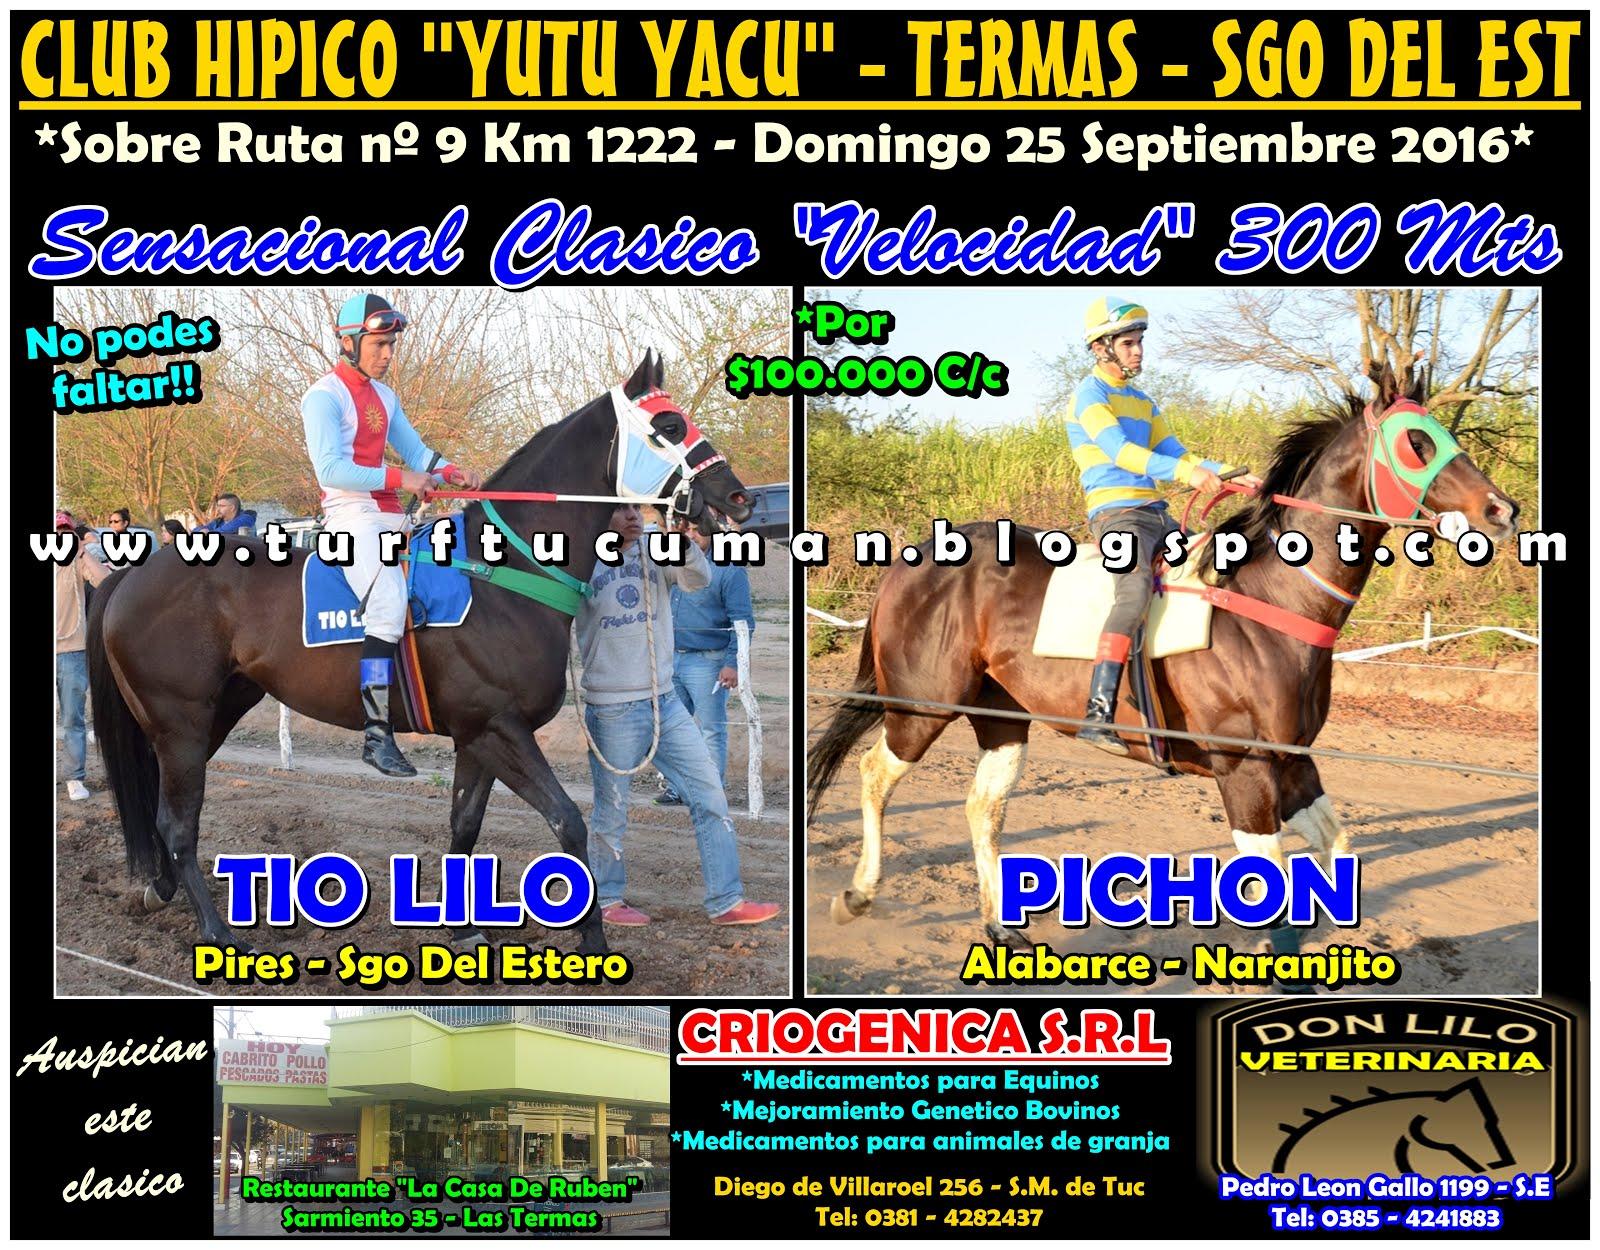 PICHON VS TIO LILO